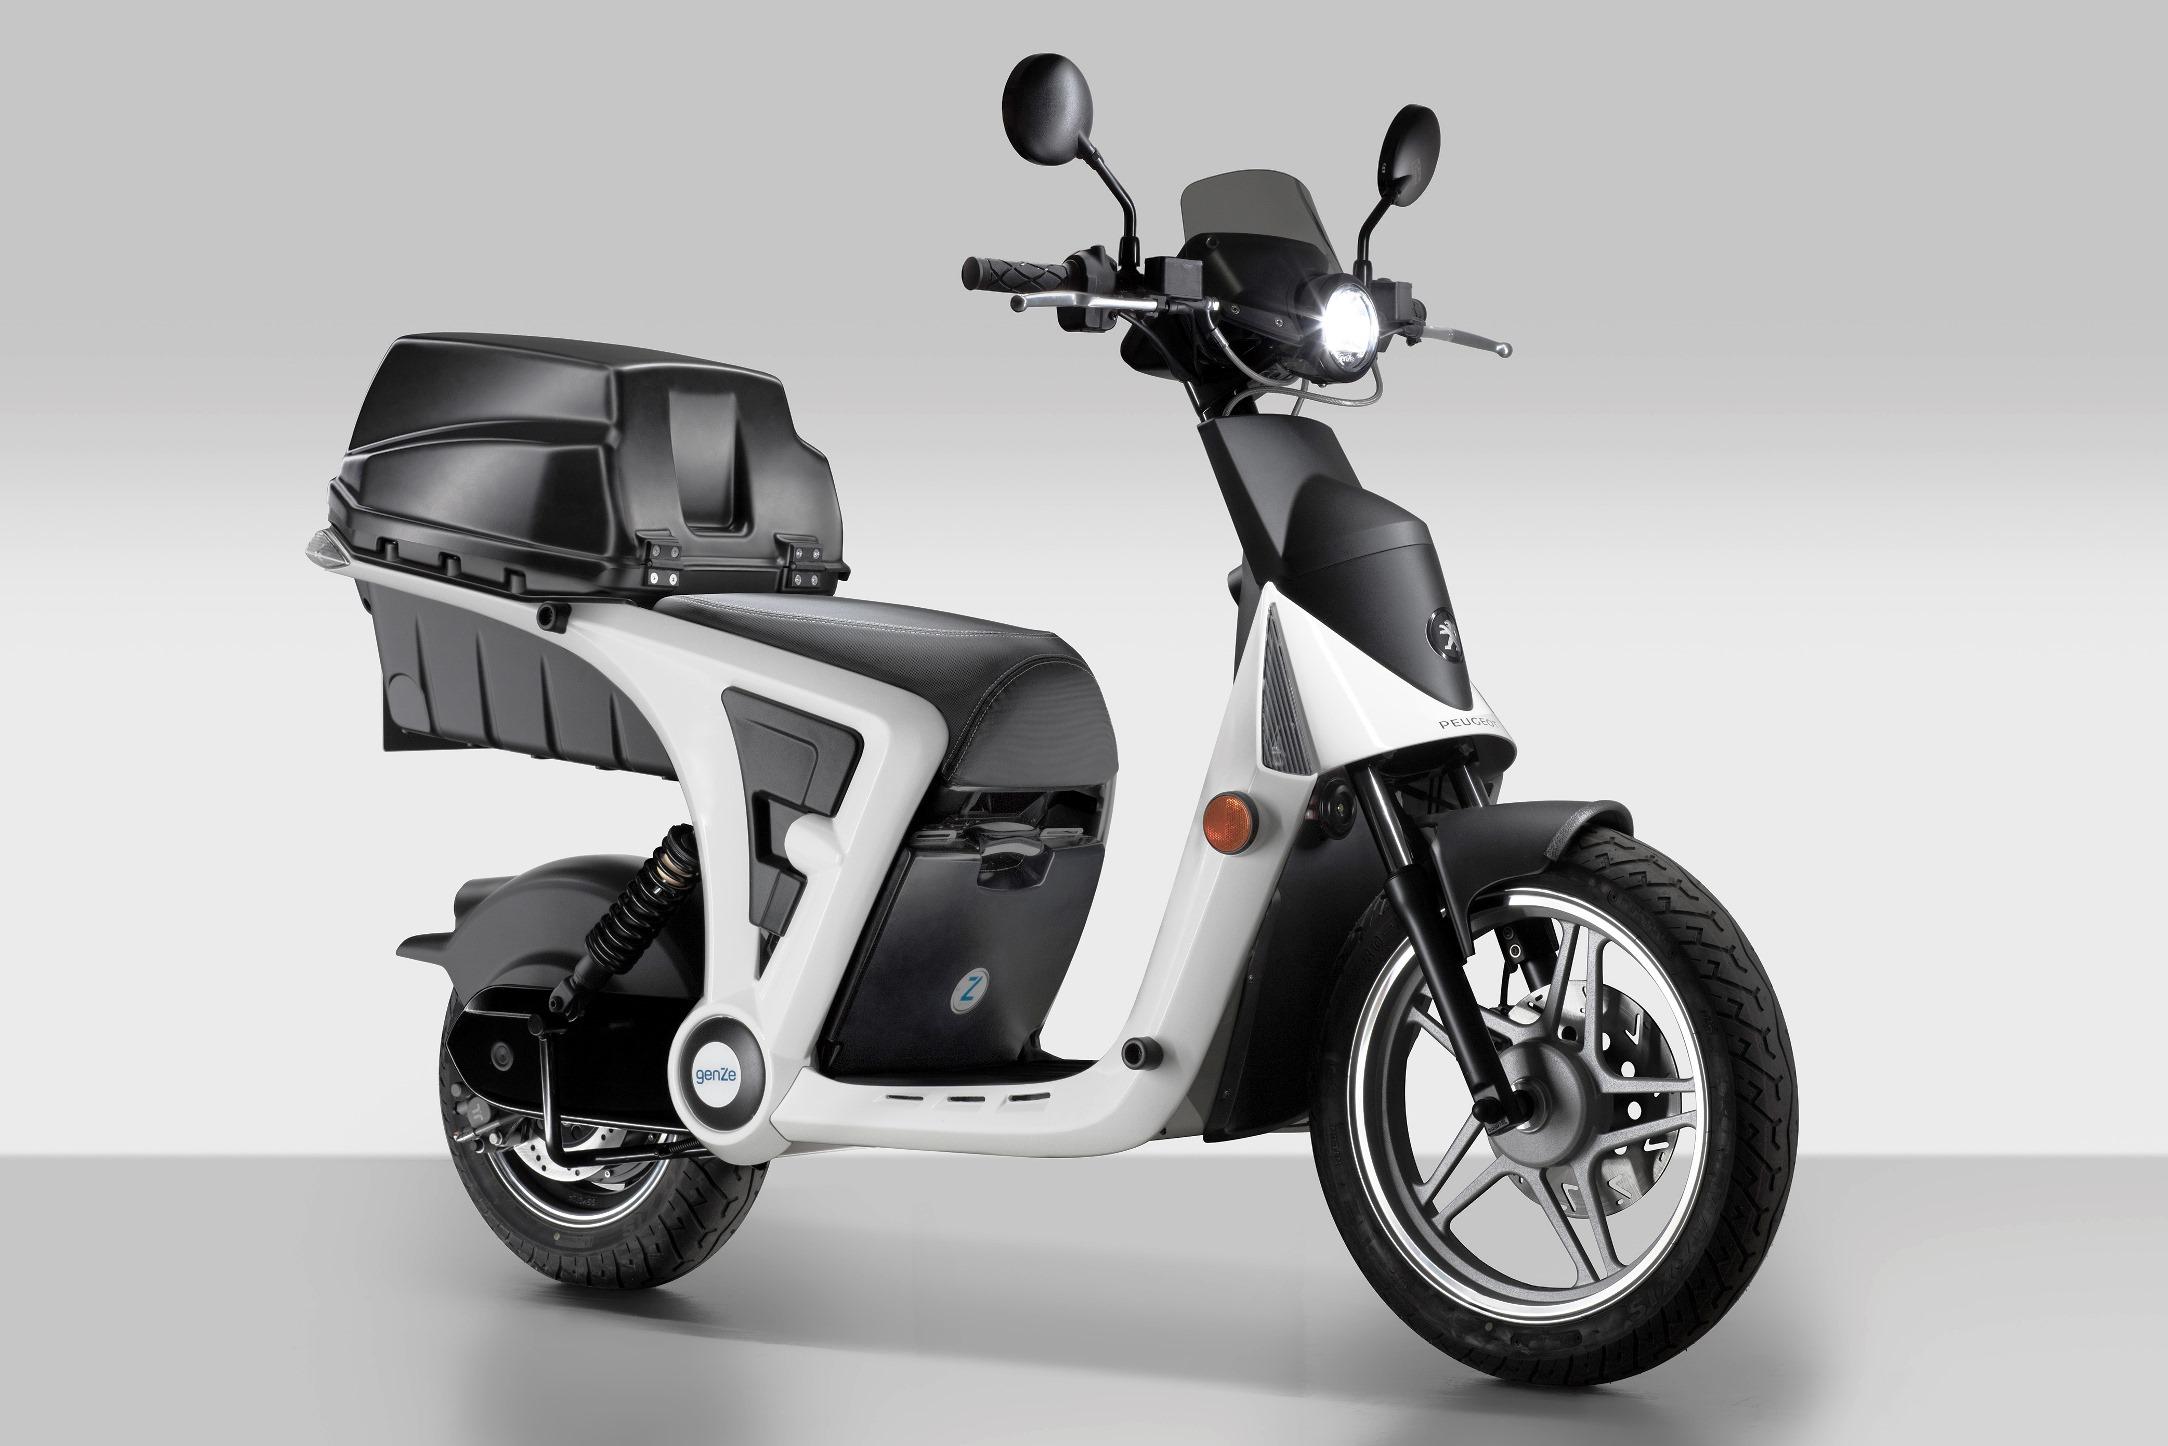 peugeot tambi n apuesta por la moto compartida para particulares y empresas. Black Bedroom Furniture Sets. Home Design Ideas